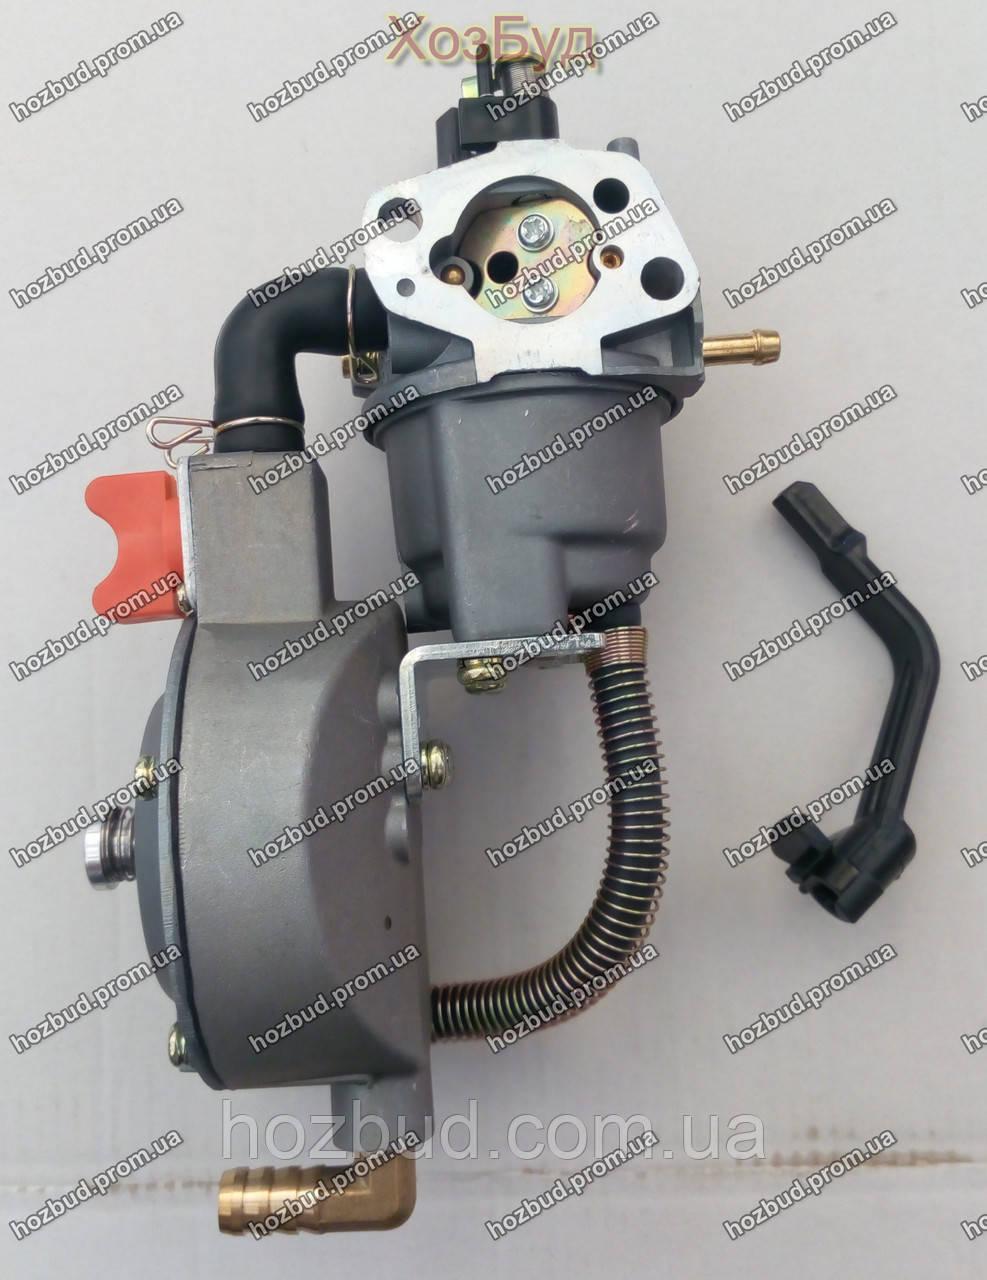 Газовий редуктор для бензинового генератора